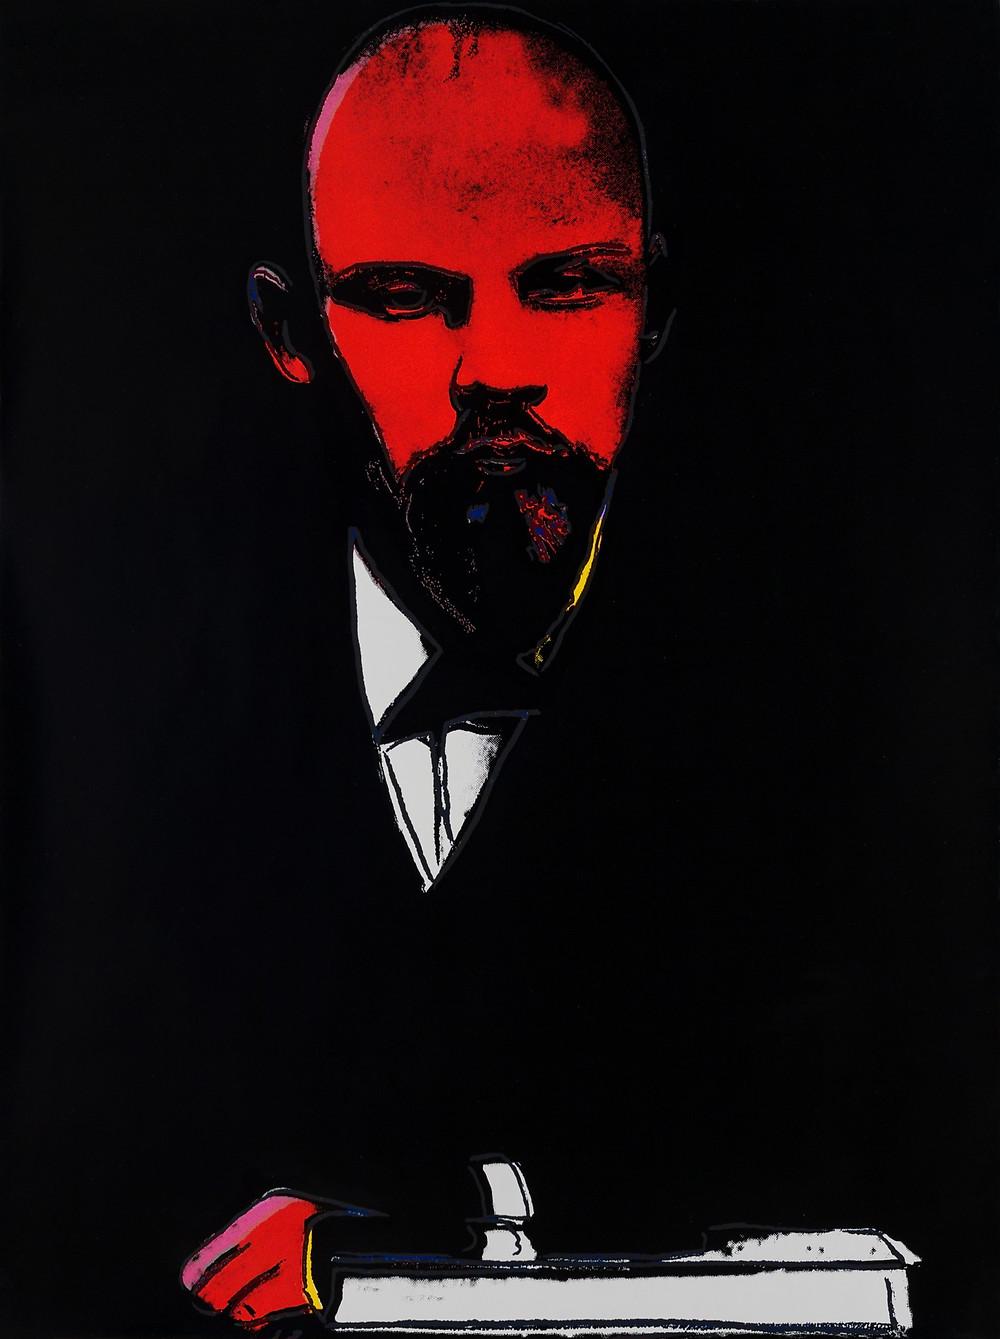 Ленин, Энди Уорхолл, Черный Ленин, выставка АРТ4, арткультиватор, artcultivator